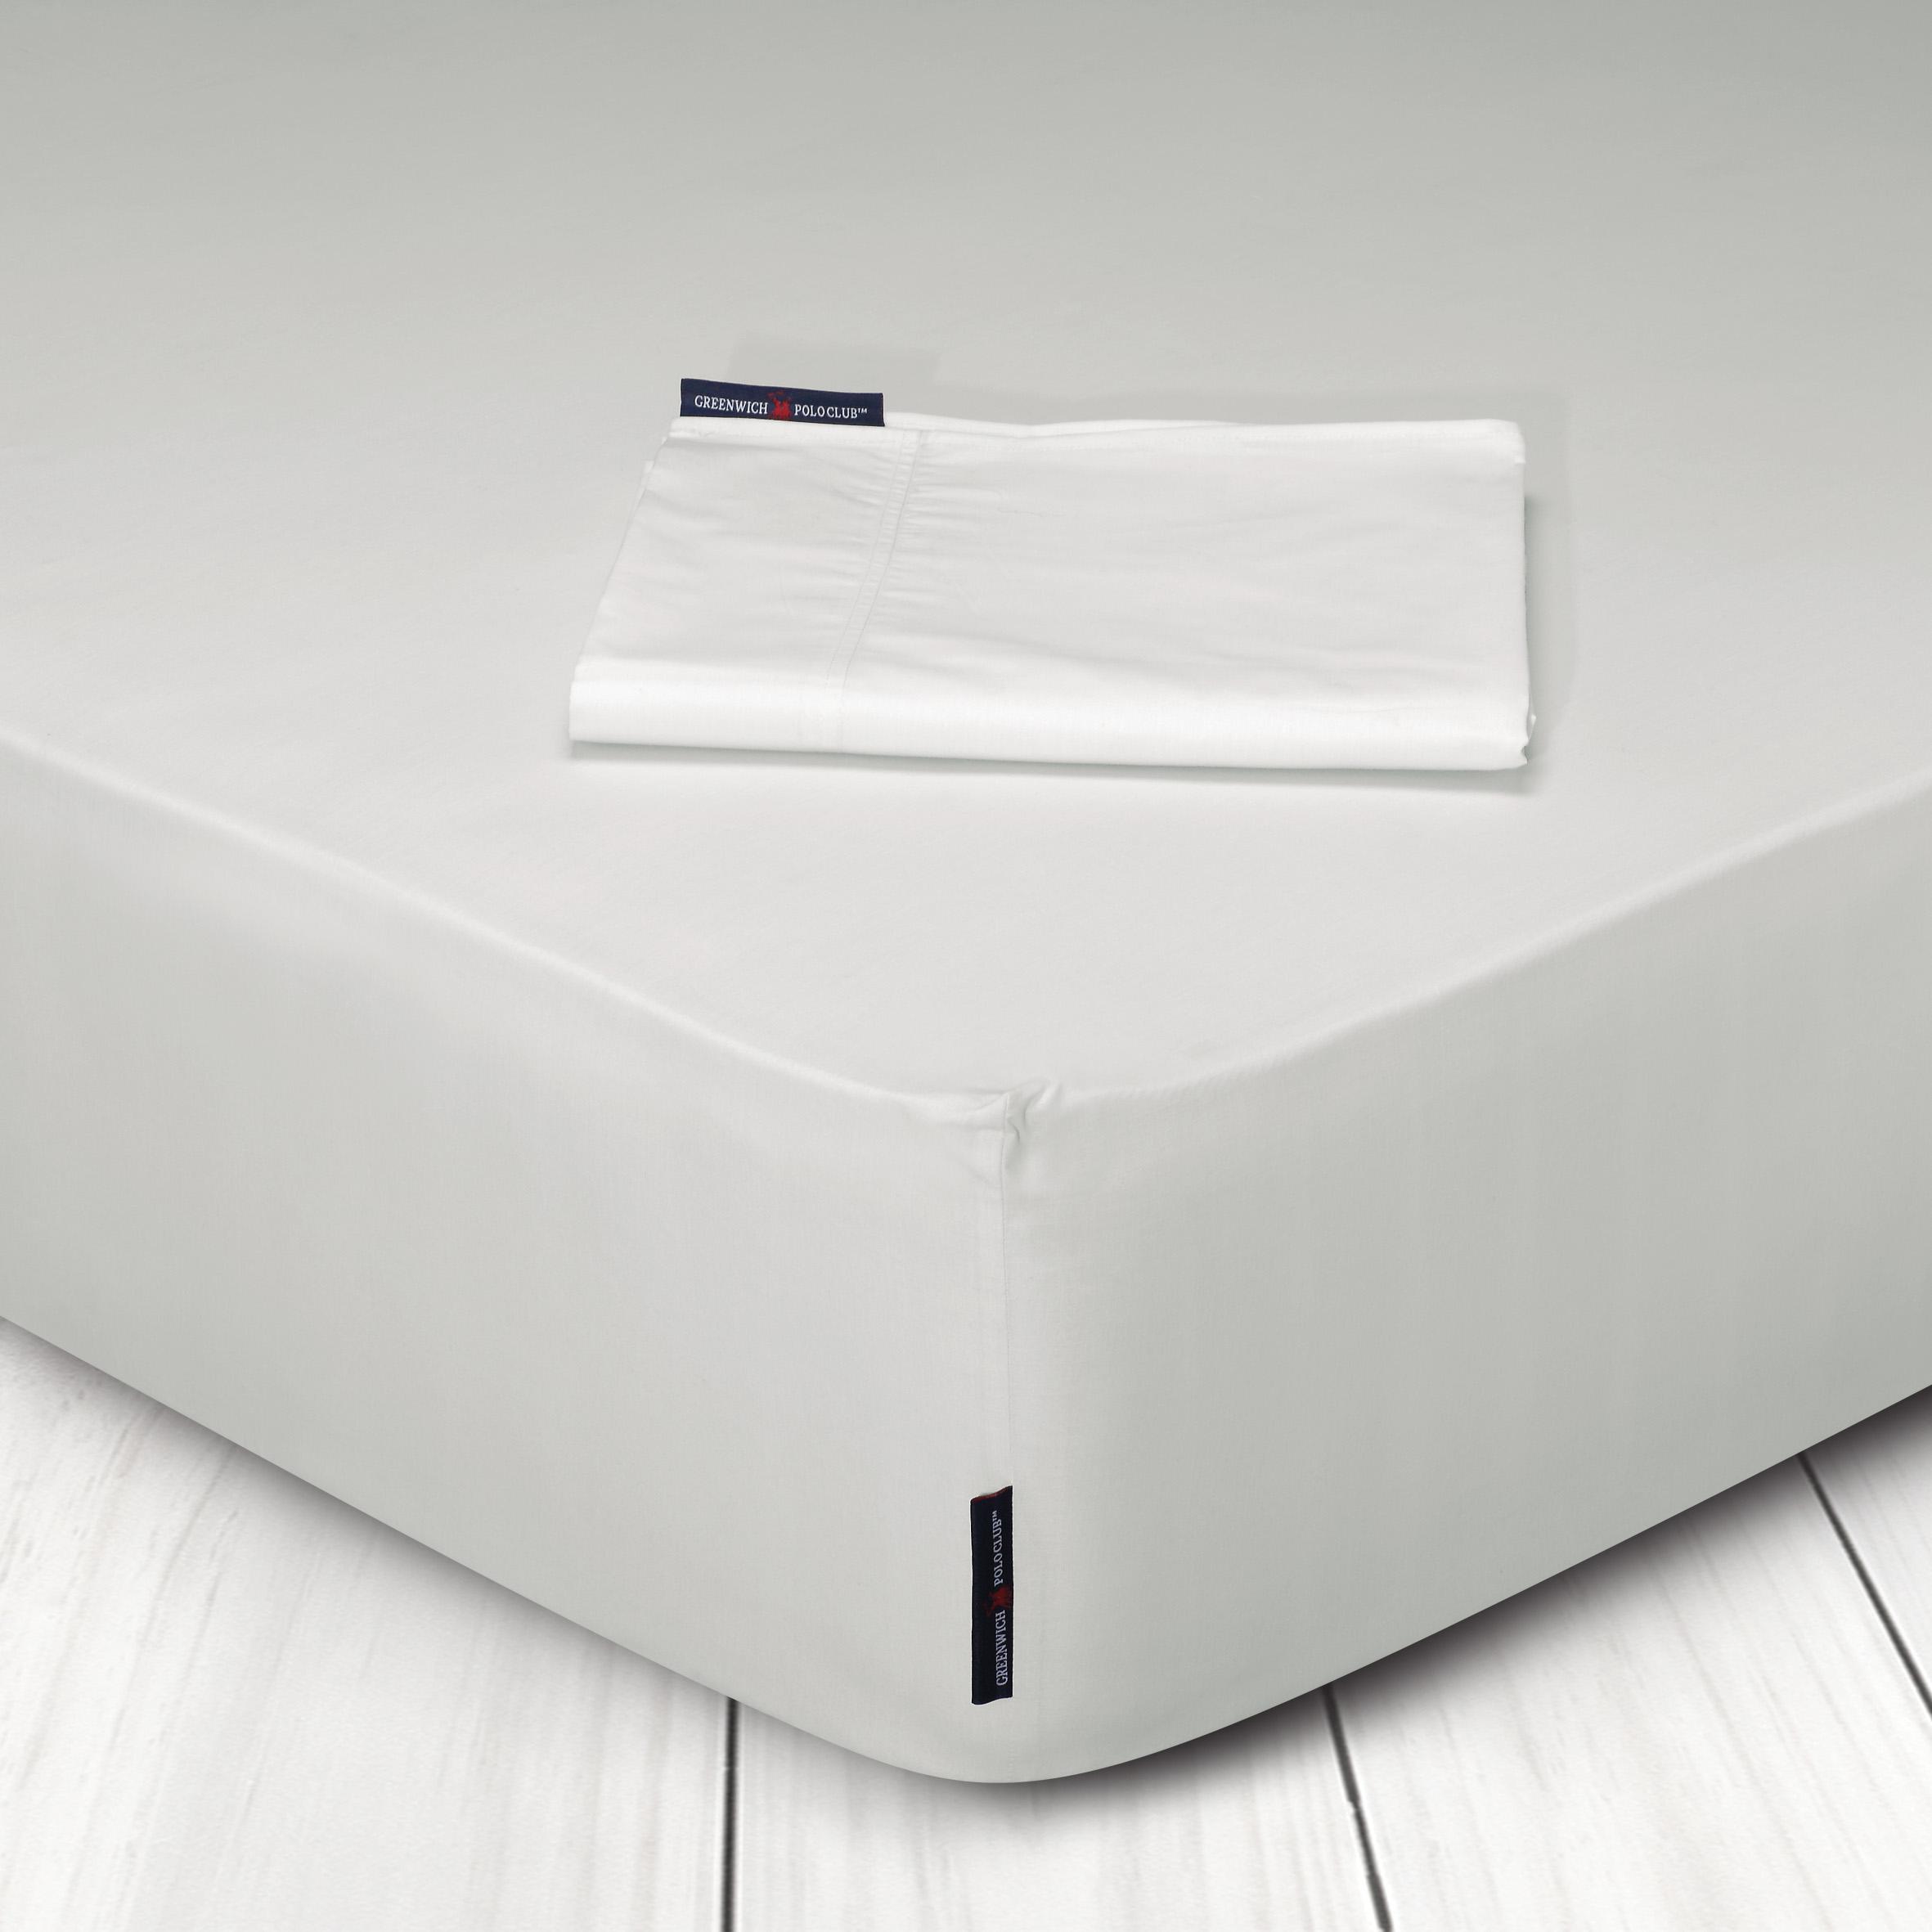 Σεντόνι Μεμονωμένο Υπέρδιπλο 240×270 Greenwich Polo Club Premium 2200 Εκρου Χωρίς Λάστιχο